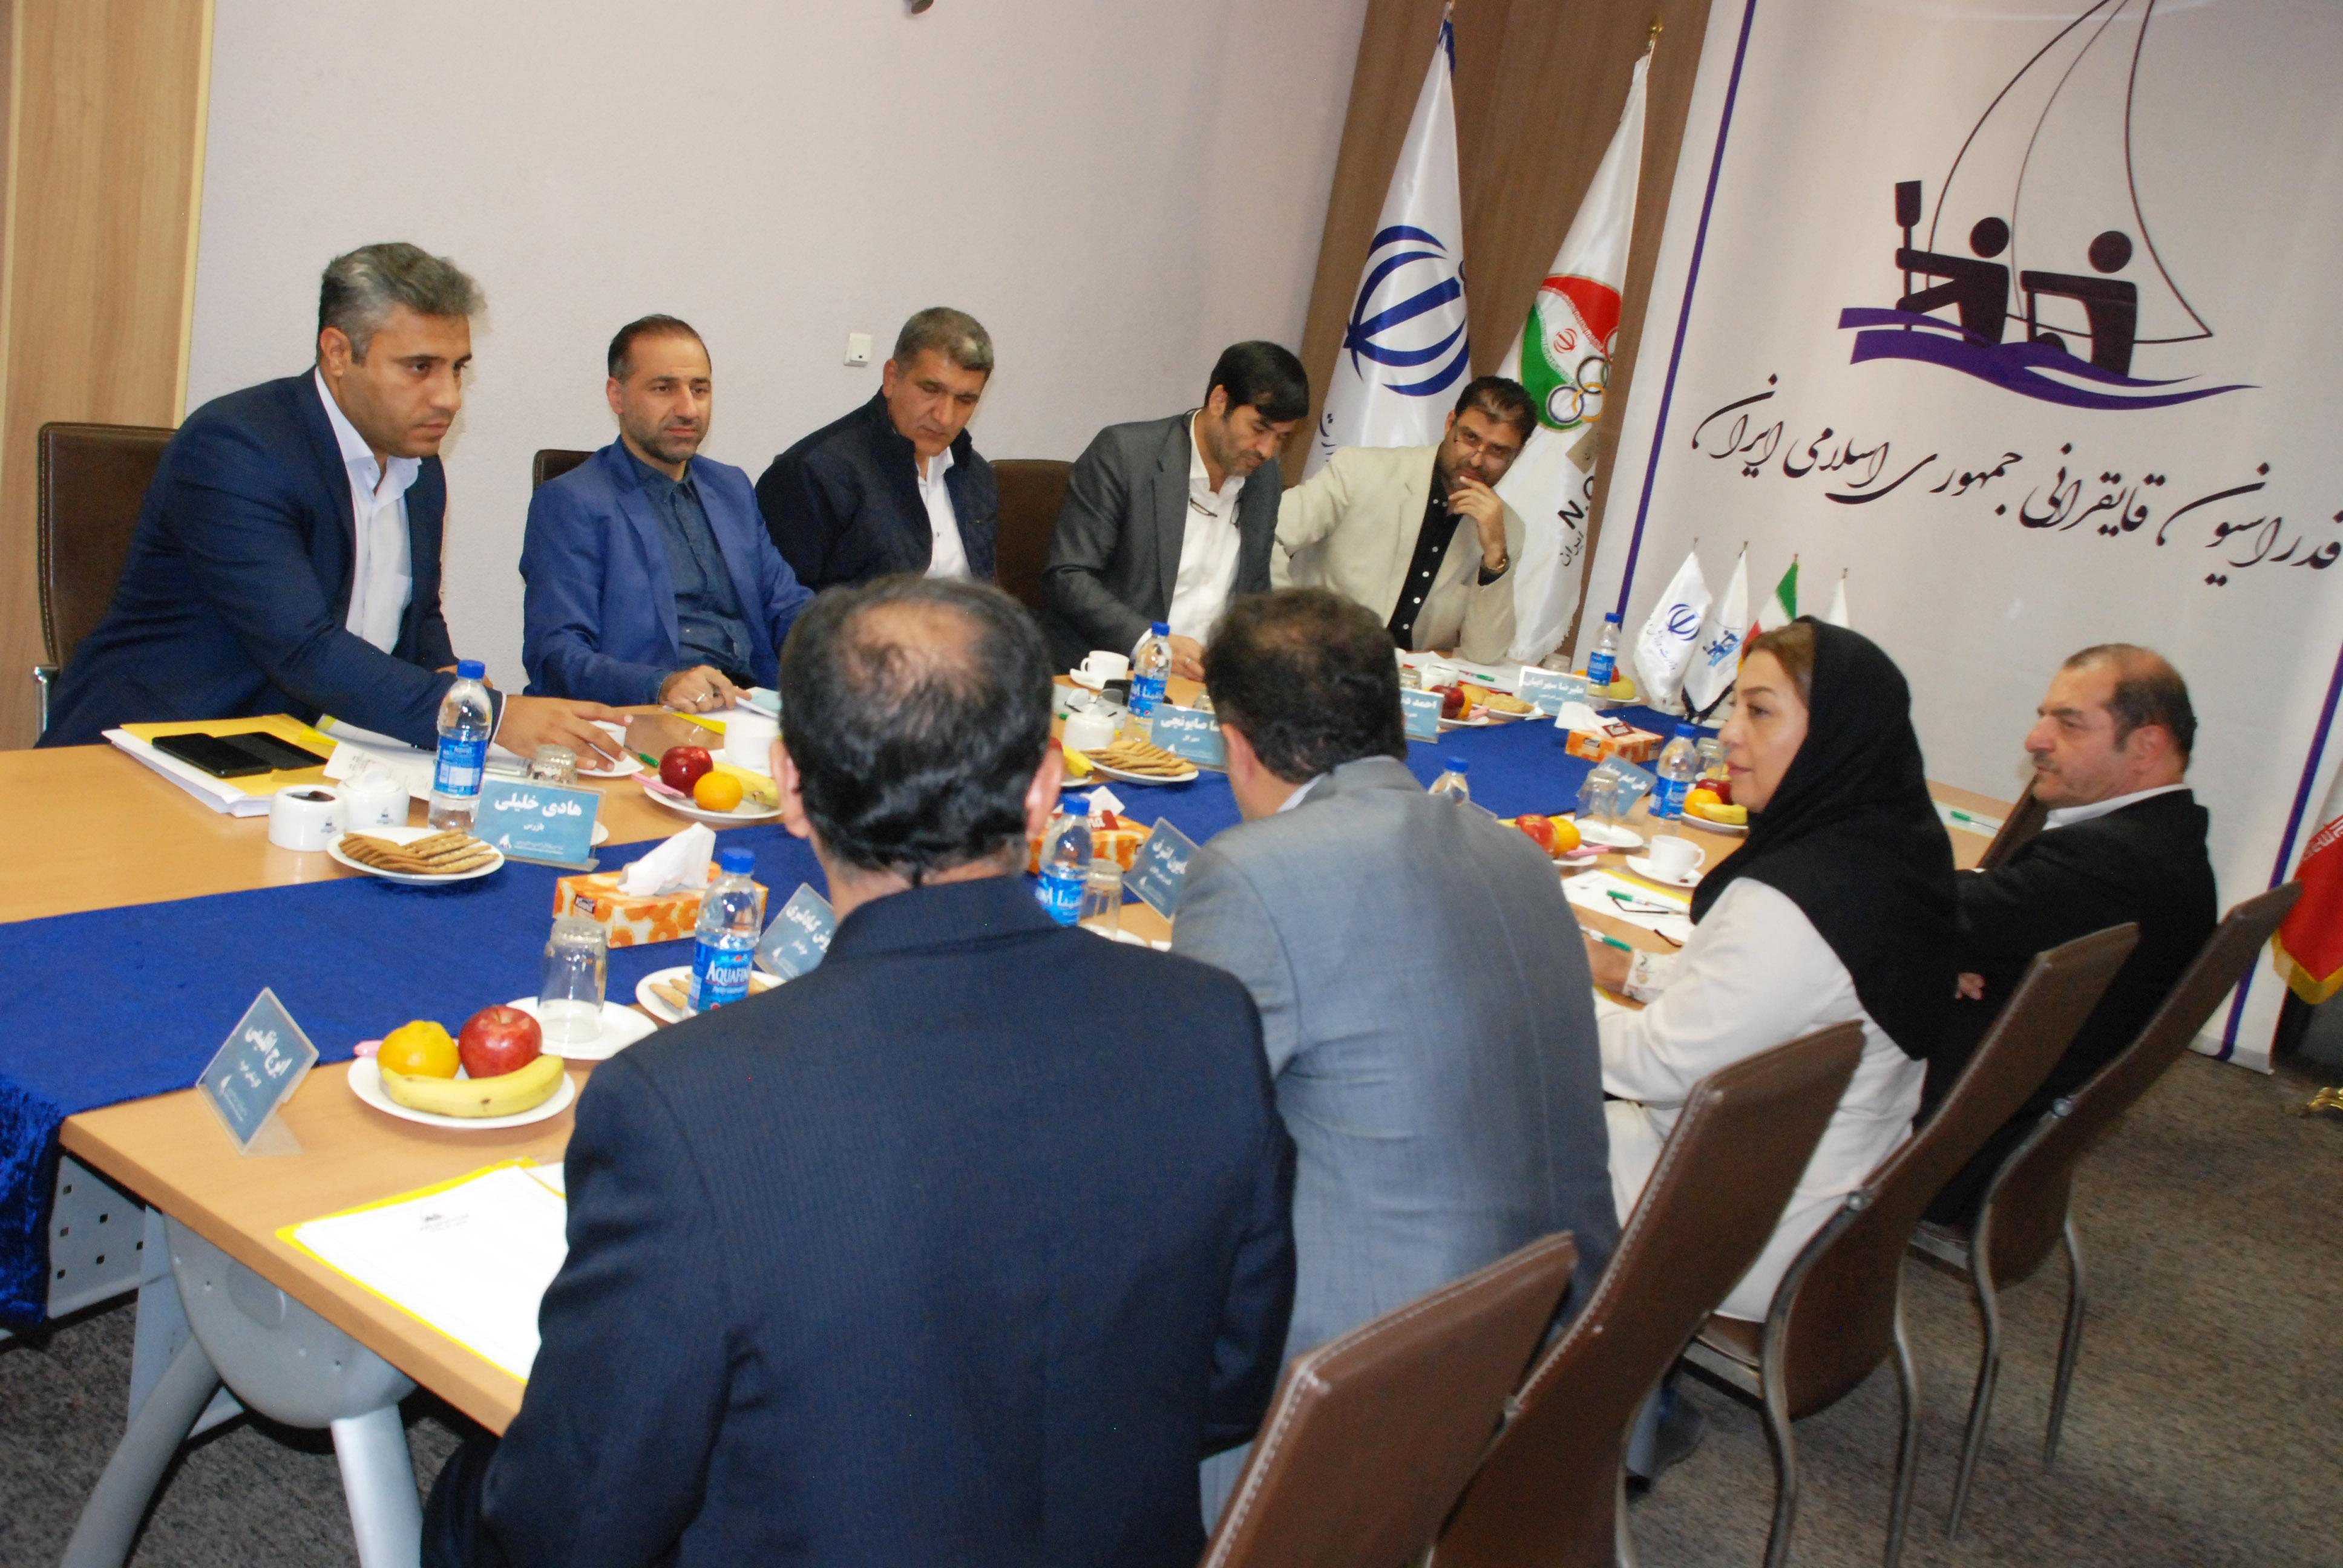 اولین جلسه هیات رئیسه فدراسیون قایقرانی برگزار شد